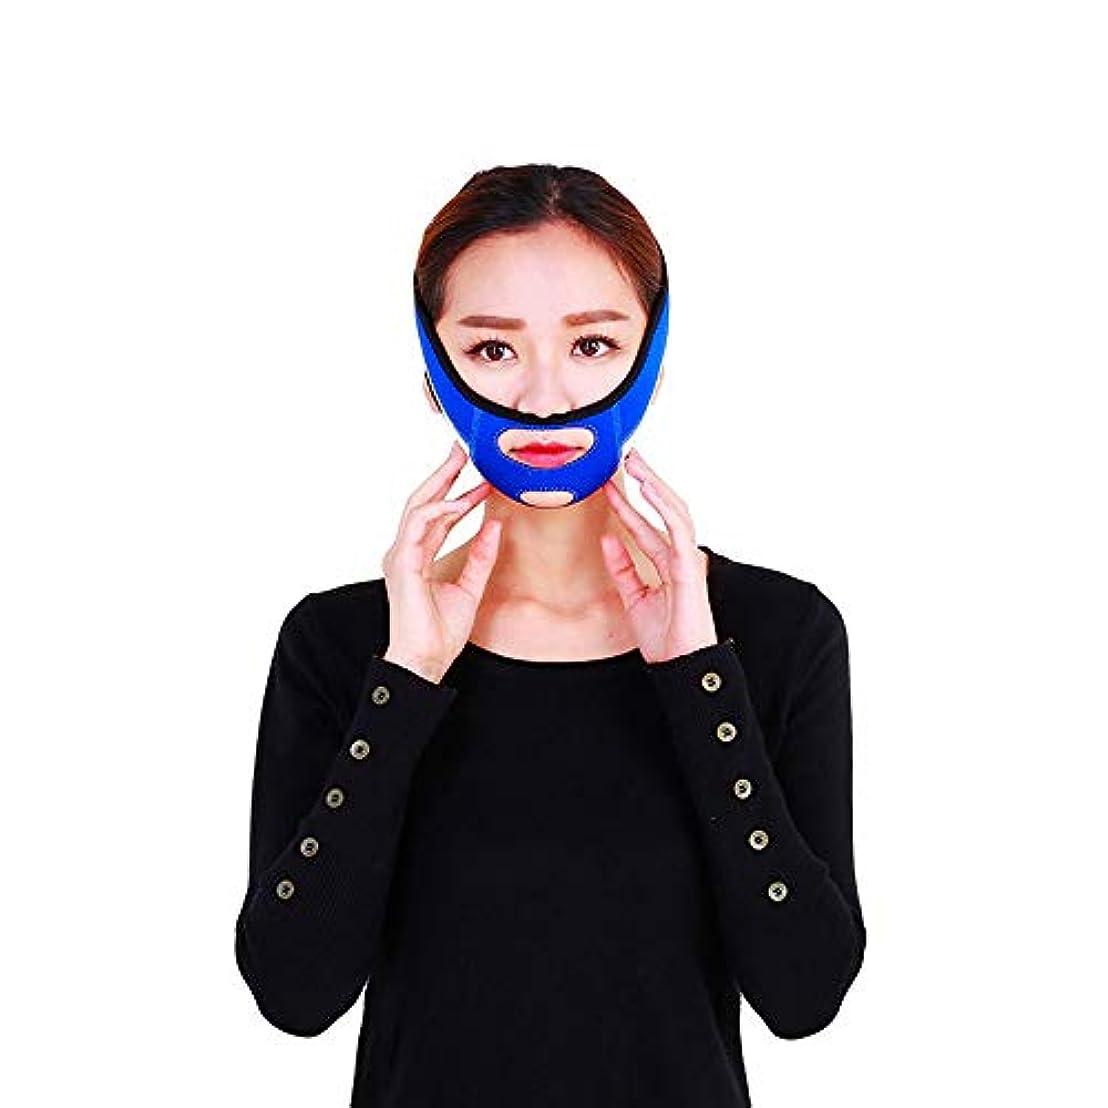 かんたん欠席多様性BS フェイシャルリフティング痩身ベルトフェーススリム二重あごを取り除くアンチエイジングリンクルフェイス包帯マスク整形マスクが顔を引き締める フェイスリフティングアーティファクト